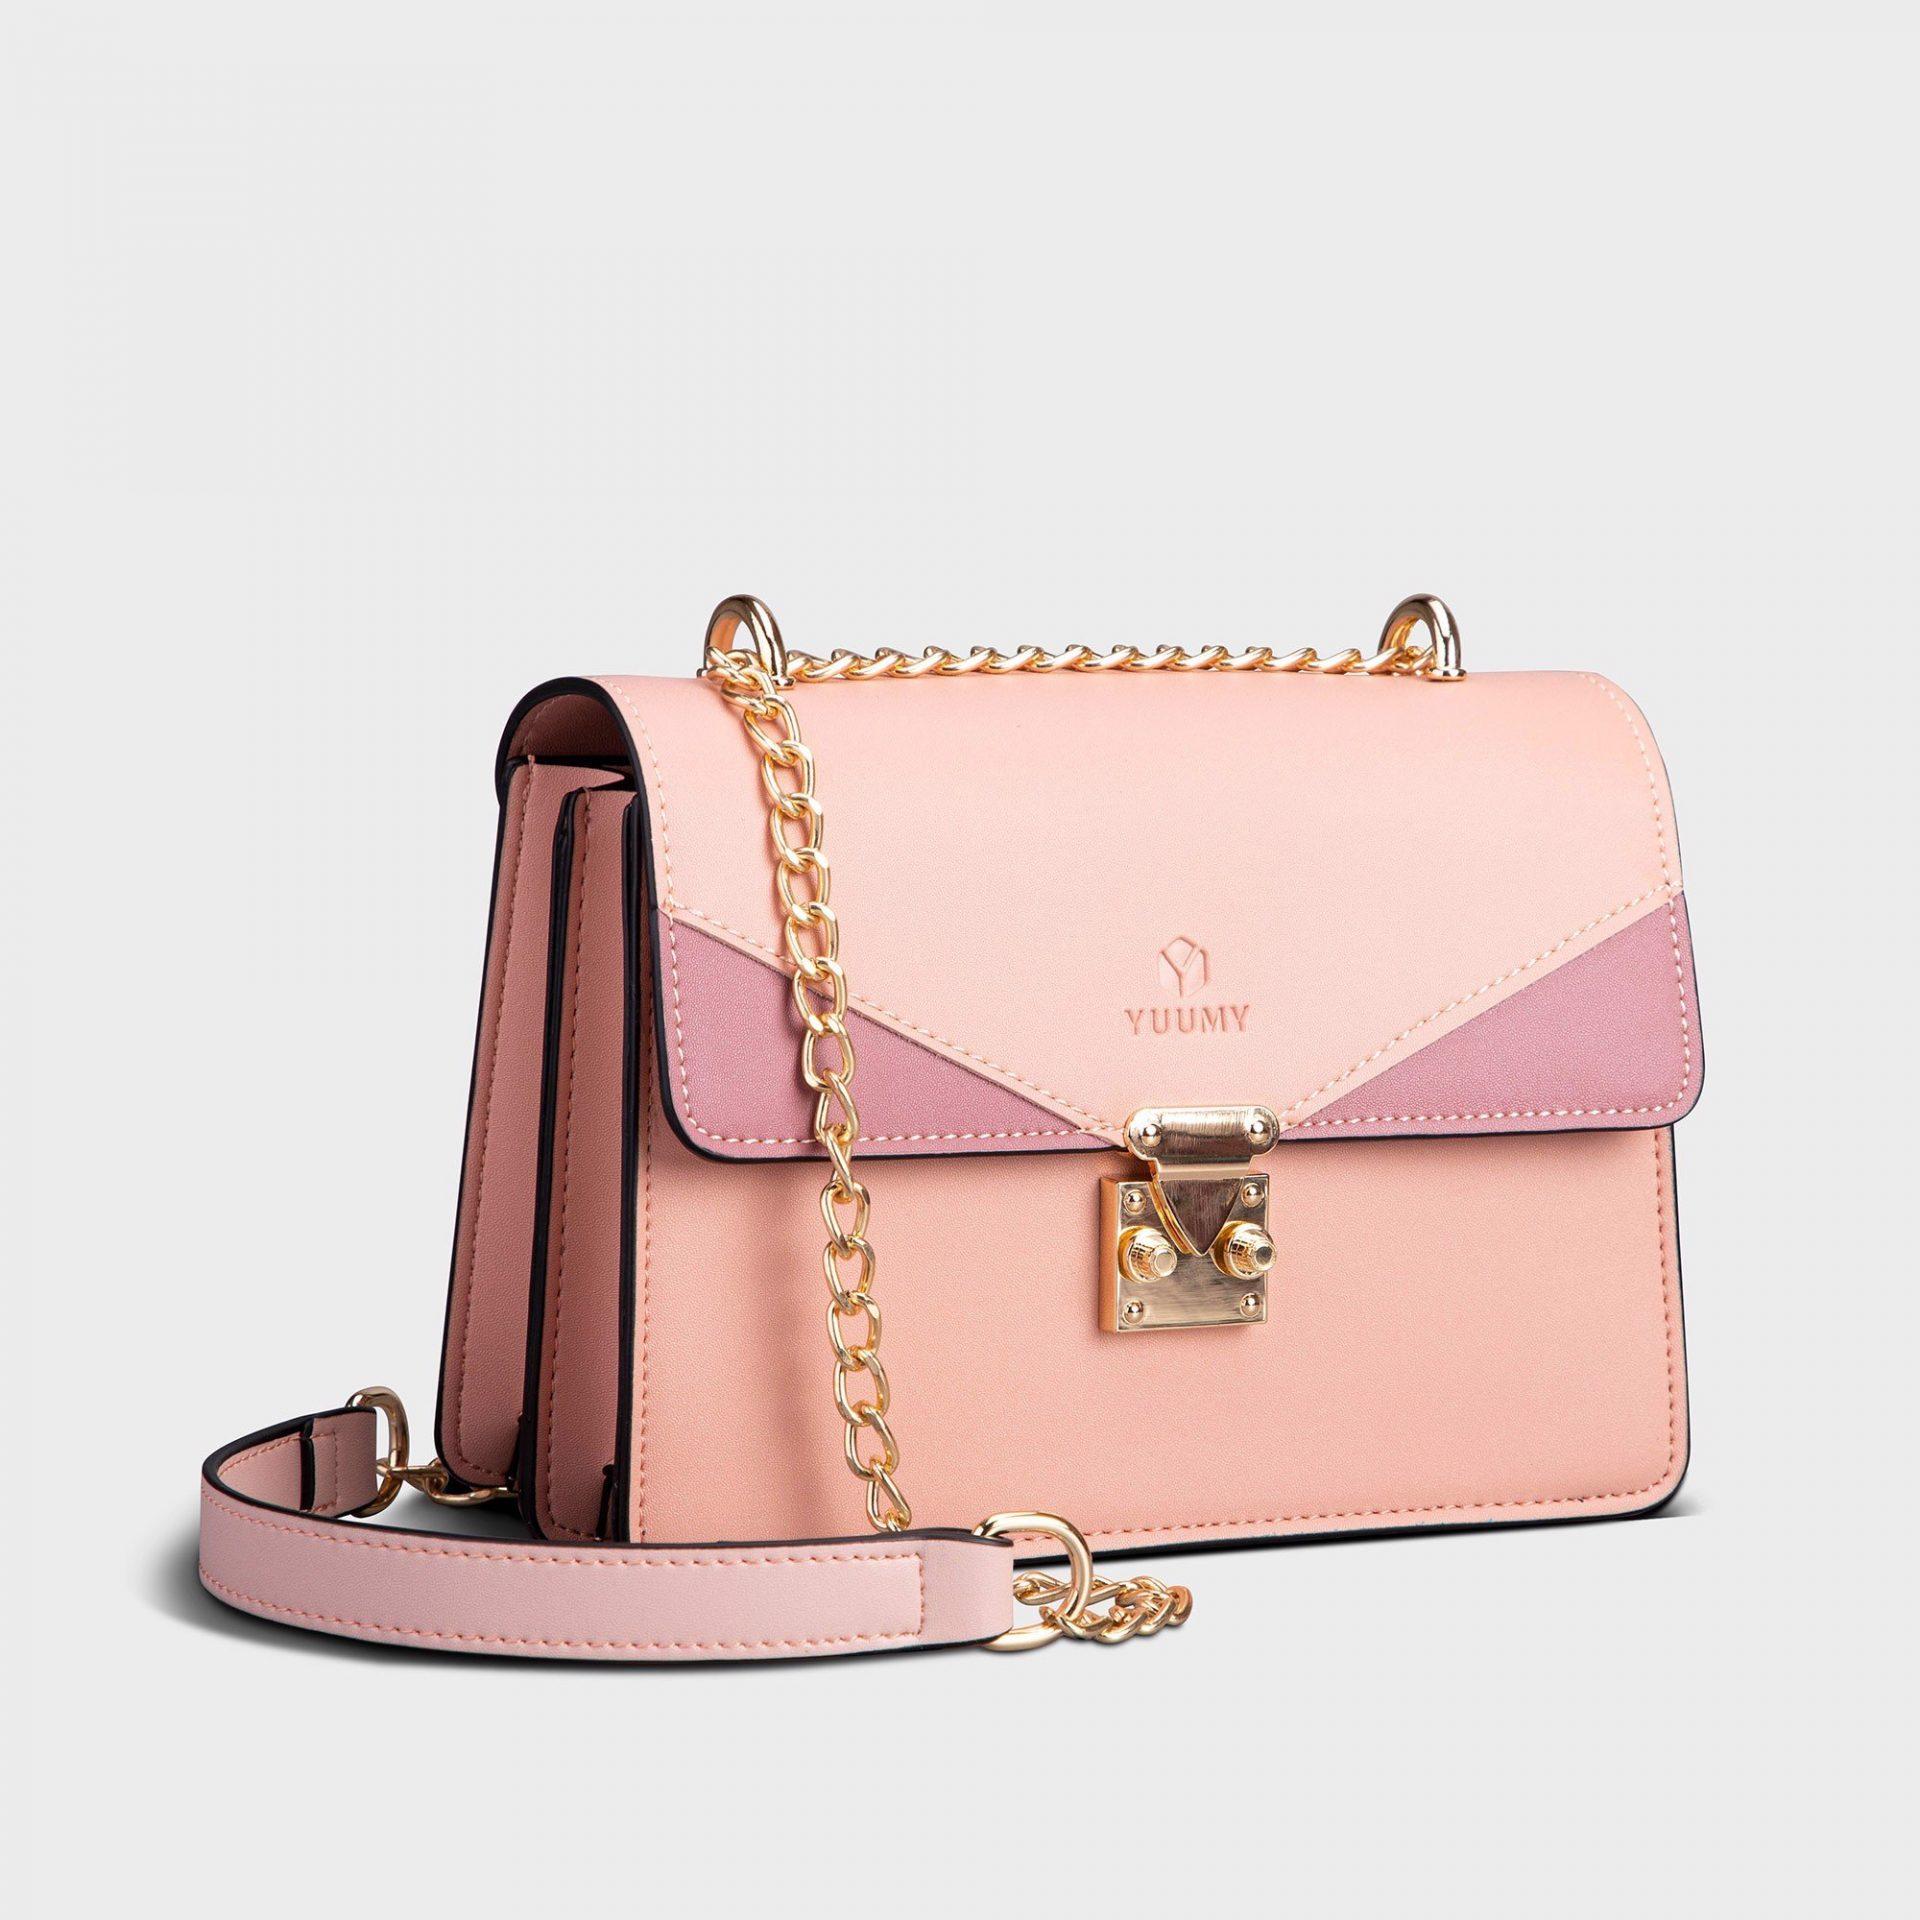 Túi xách đeo chéo đến từ thương hiệu Yuumy